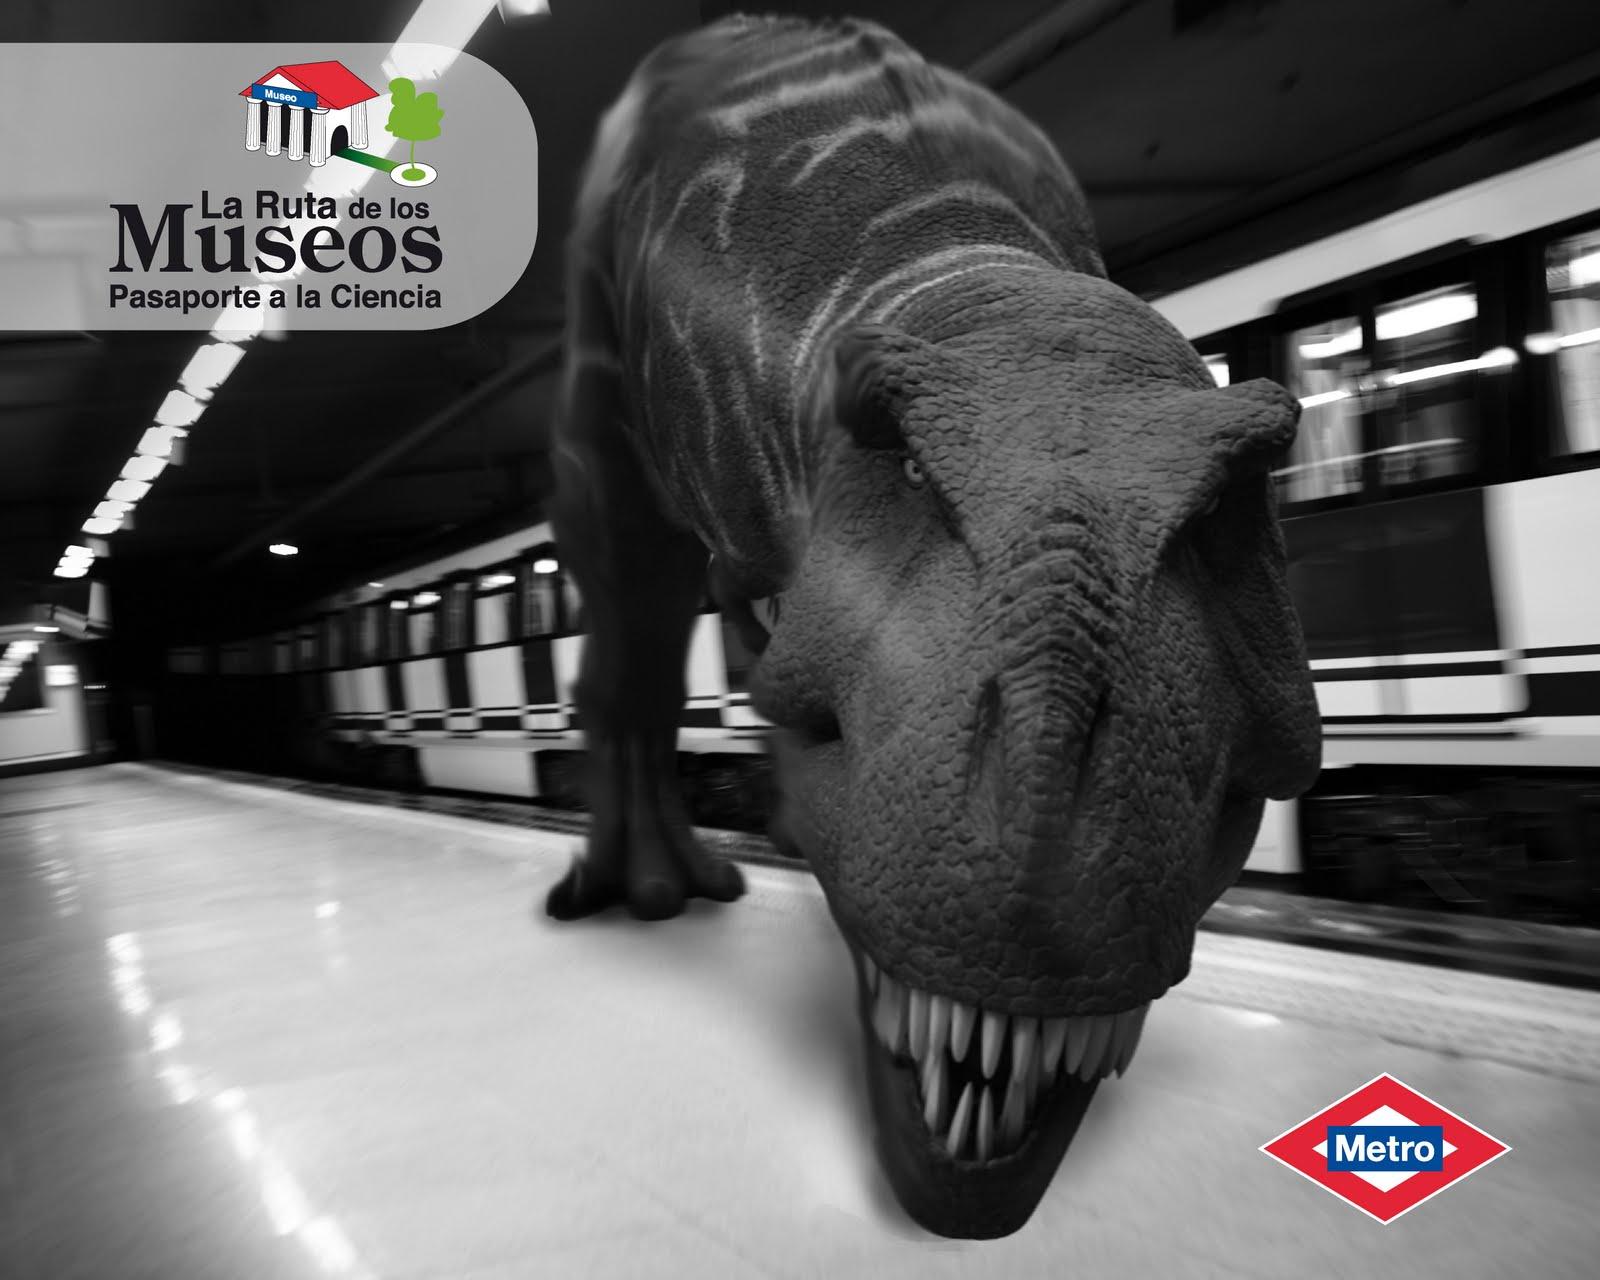 Dinosaurio+1280x1024